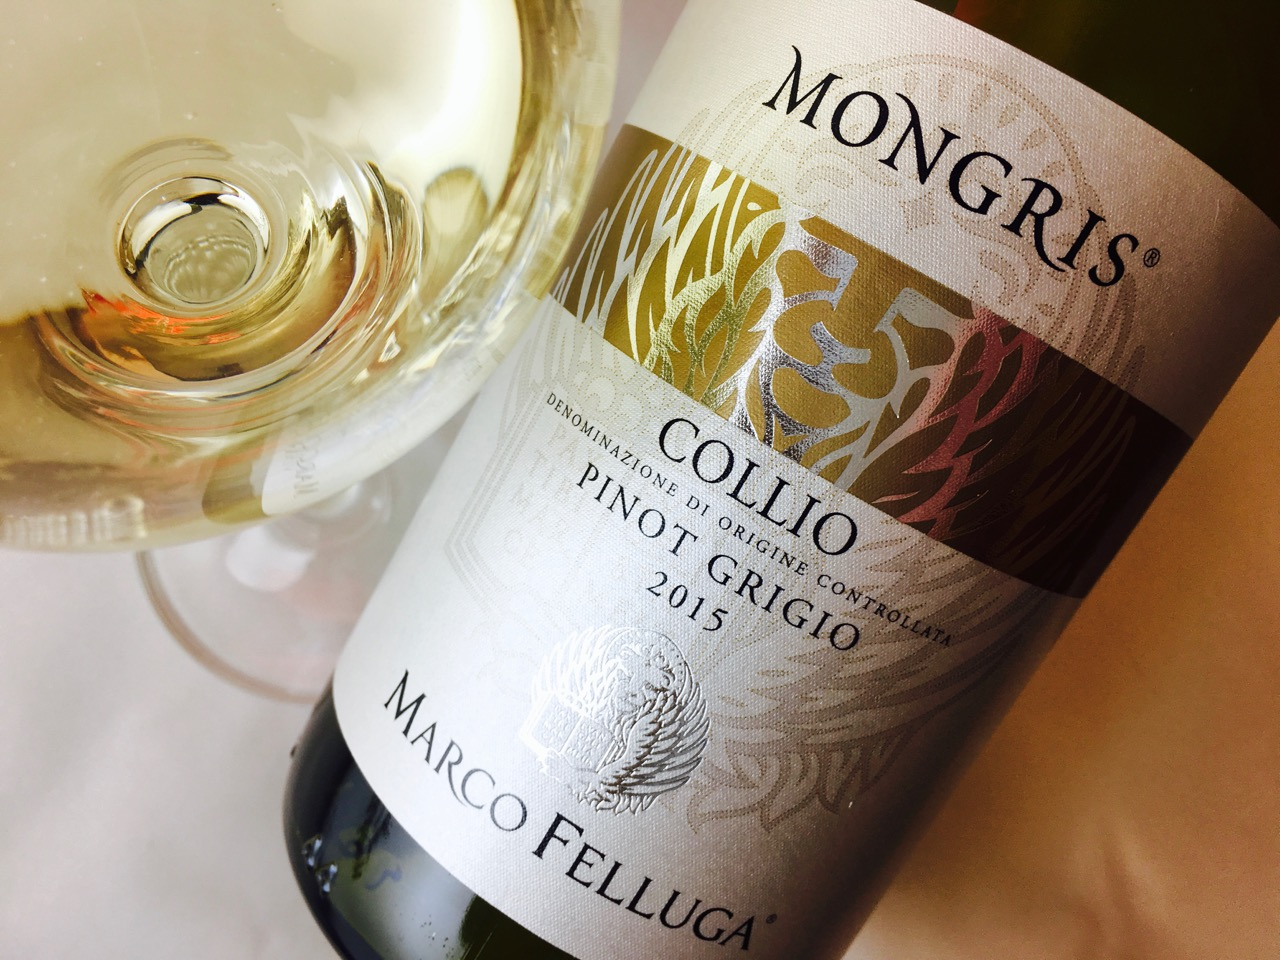 2015 Marco Felluga Pinot Grigio Mongris Collio DOC